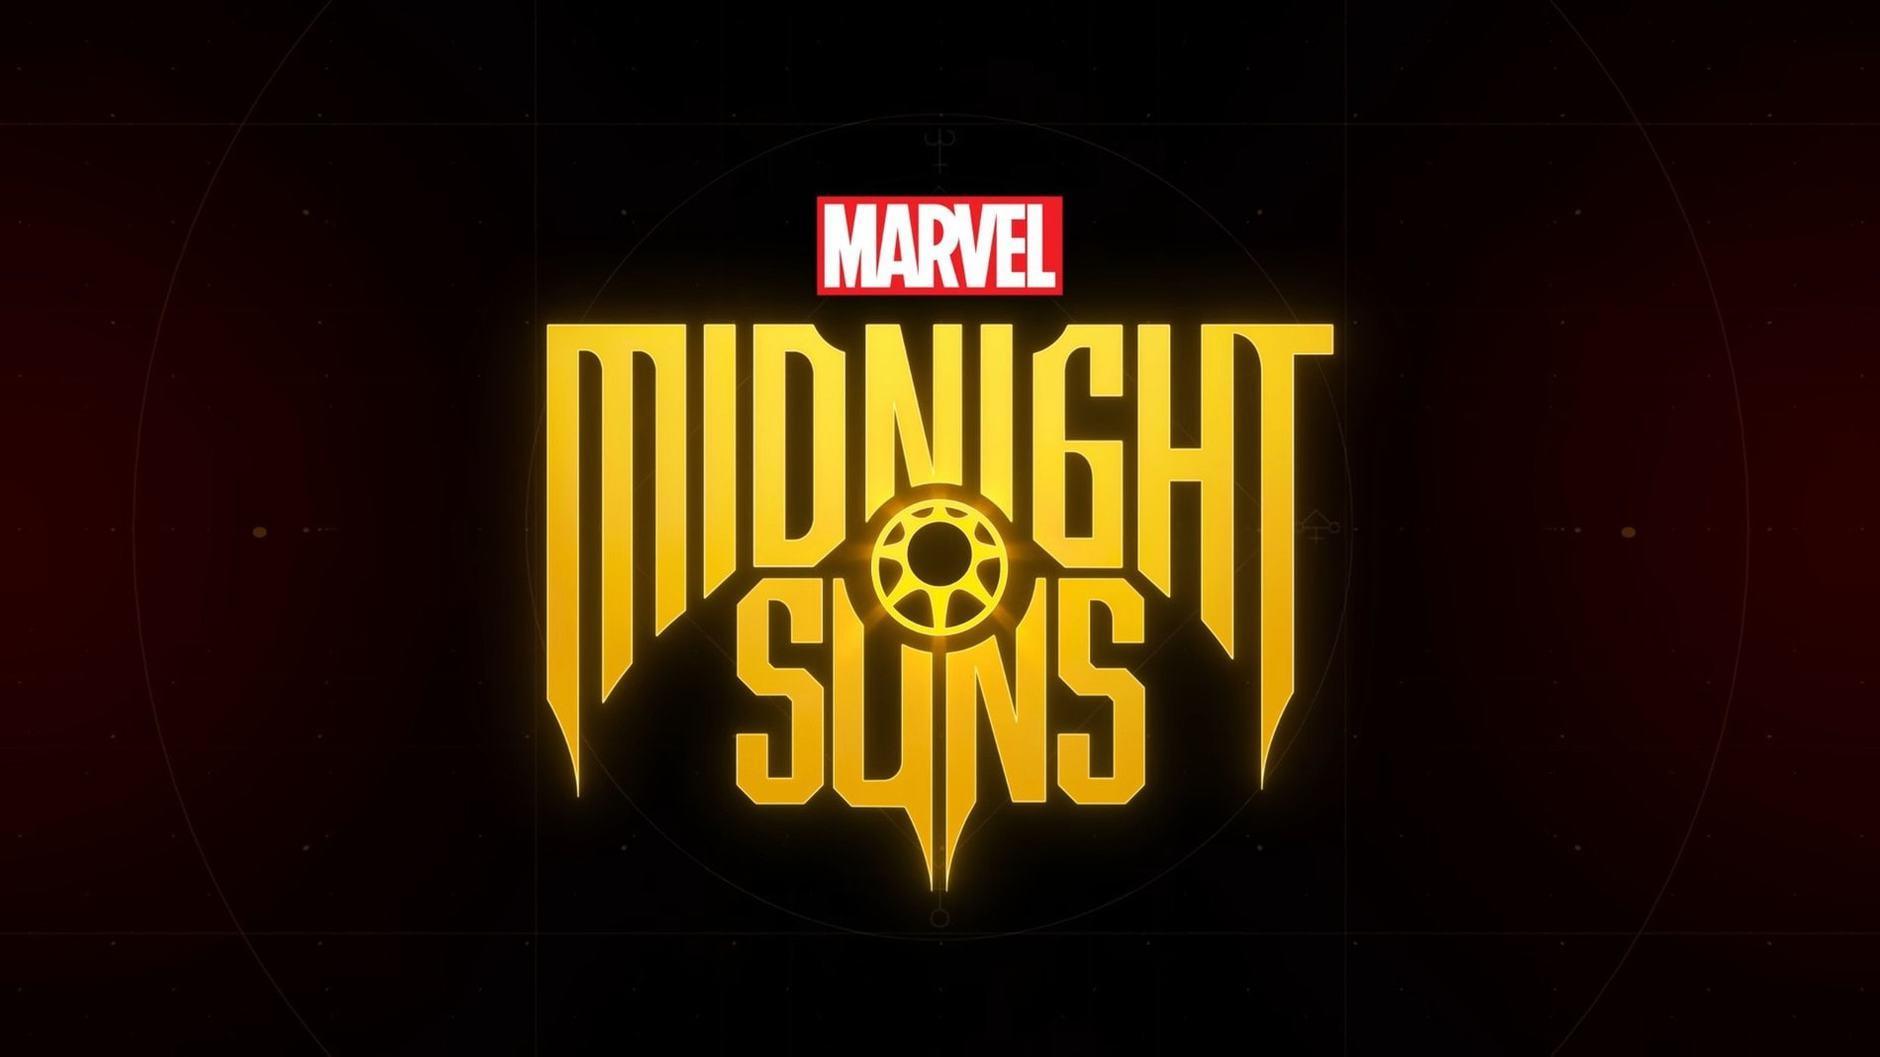 Marvel Midnight Suns Logo